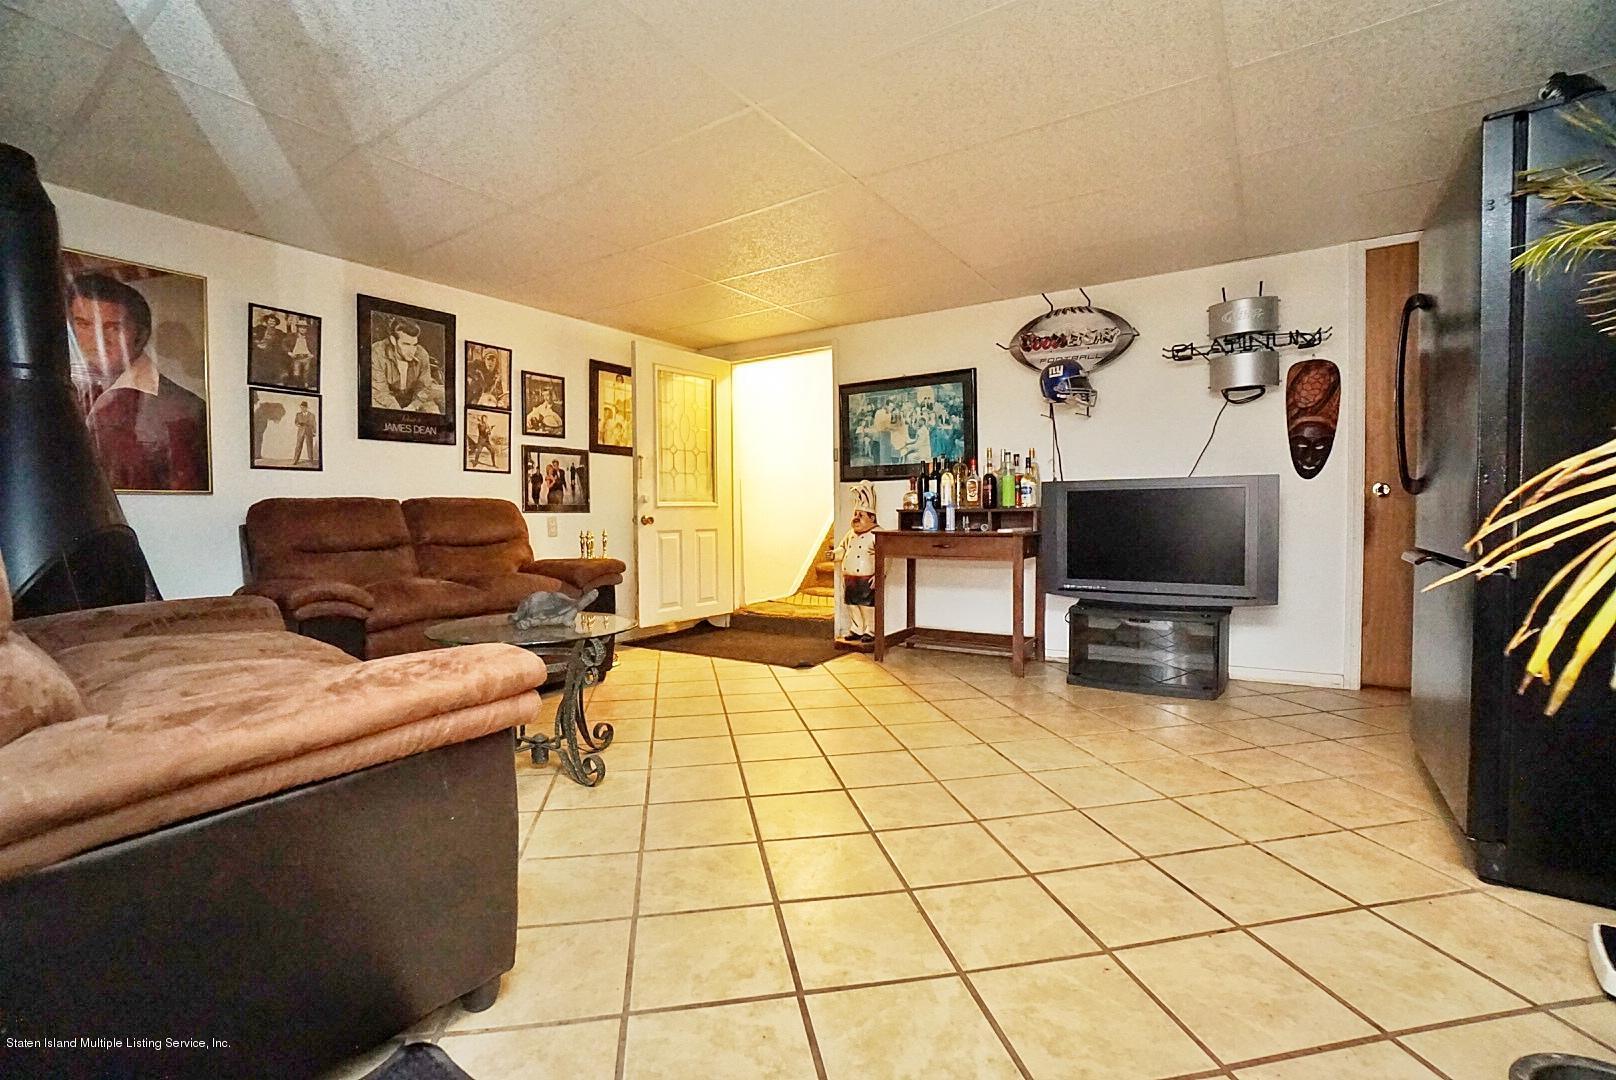 Single Family - Detached 301 Hamden Avenue  Staten Island, NY 10306, MLS-1131016-19